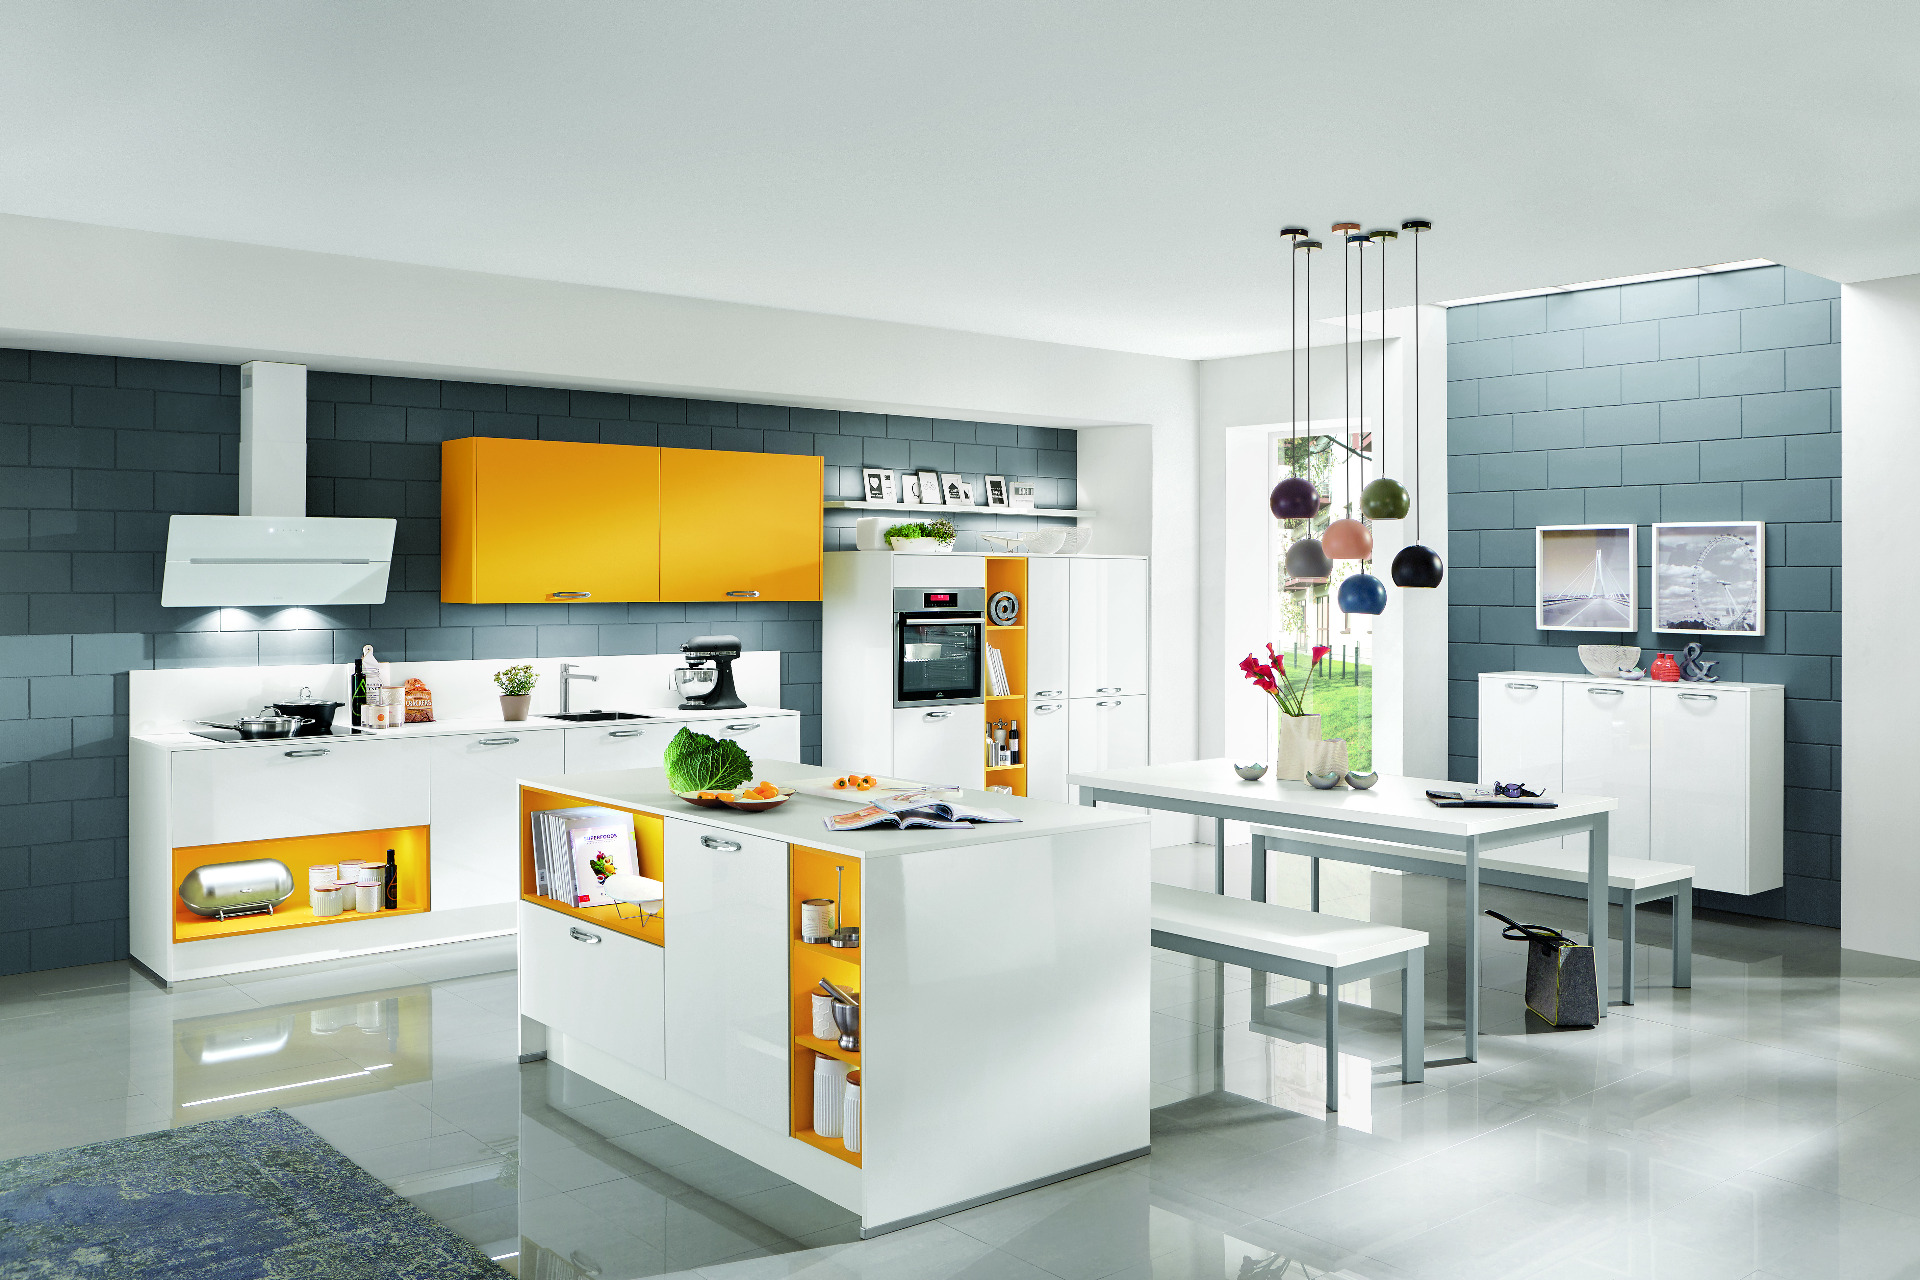 Küchenstudio Dessau küchen im modernen stil aus ihrem küchenstudio in dessau